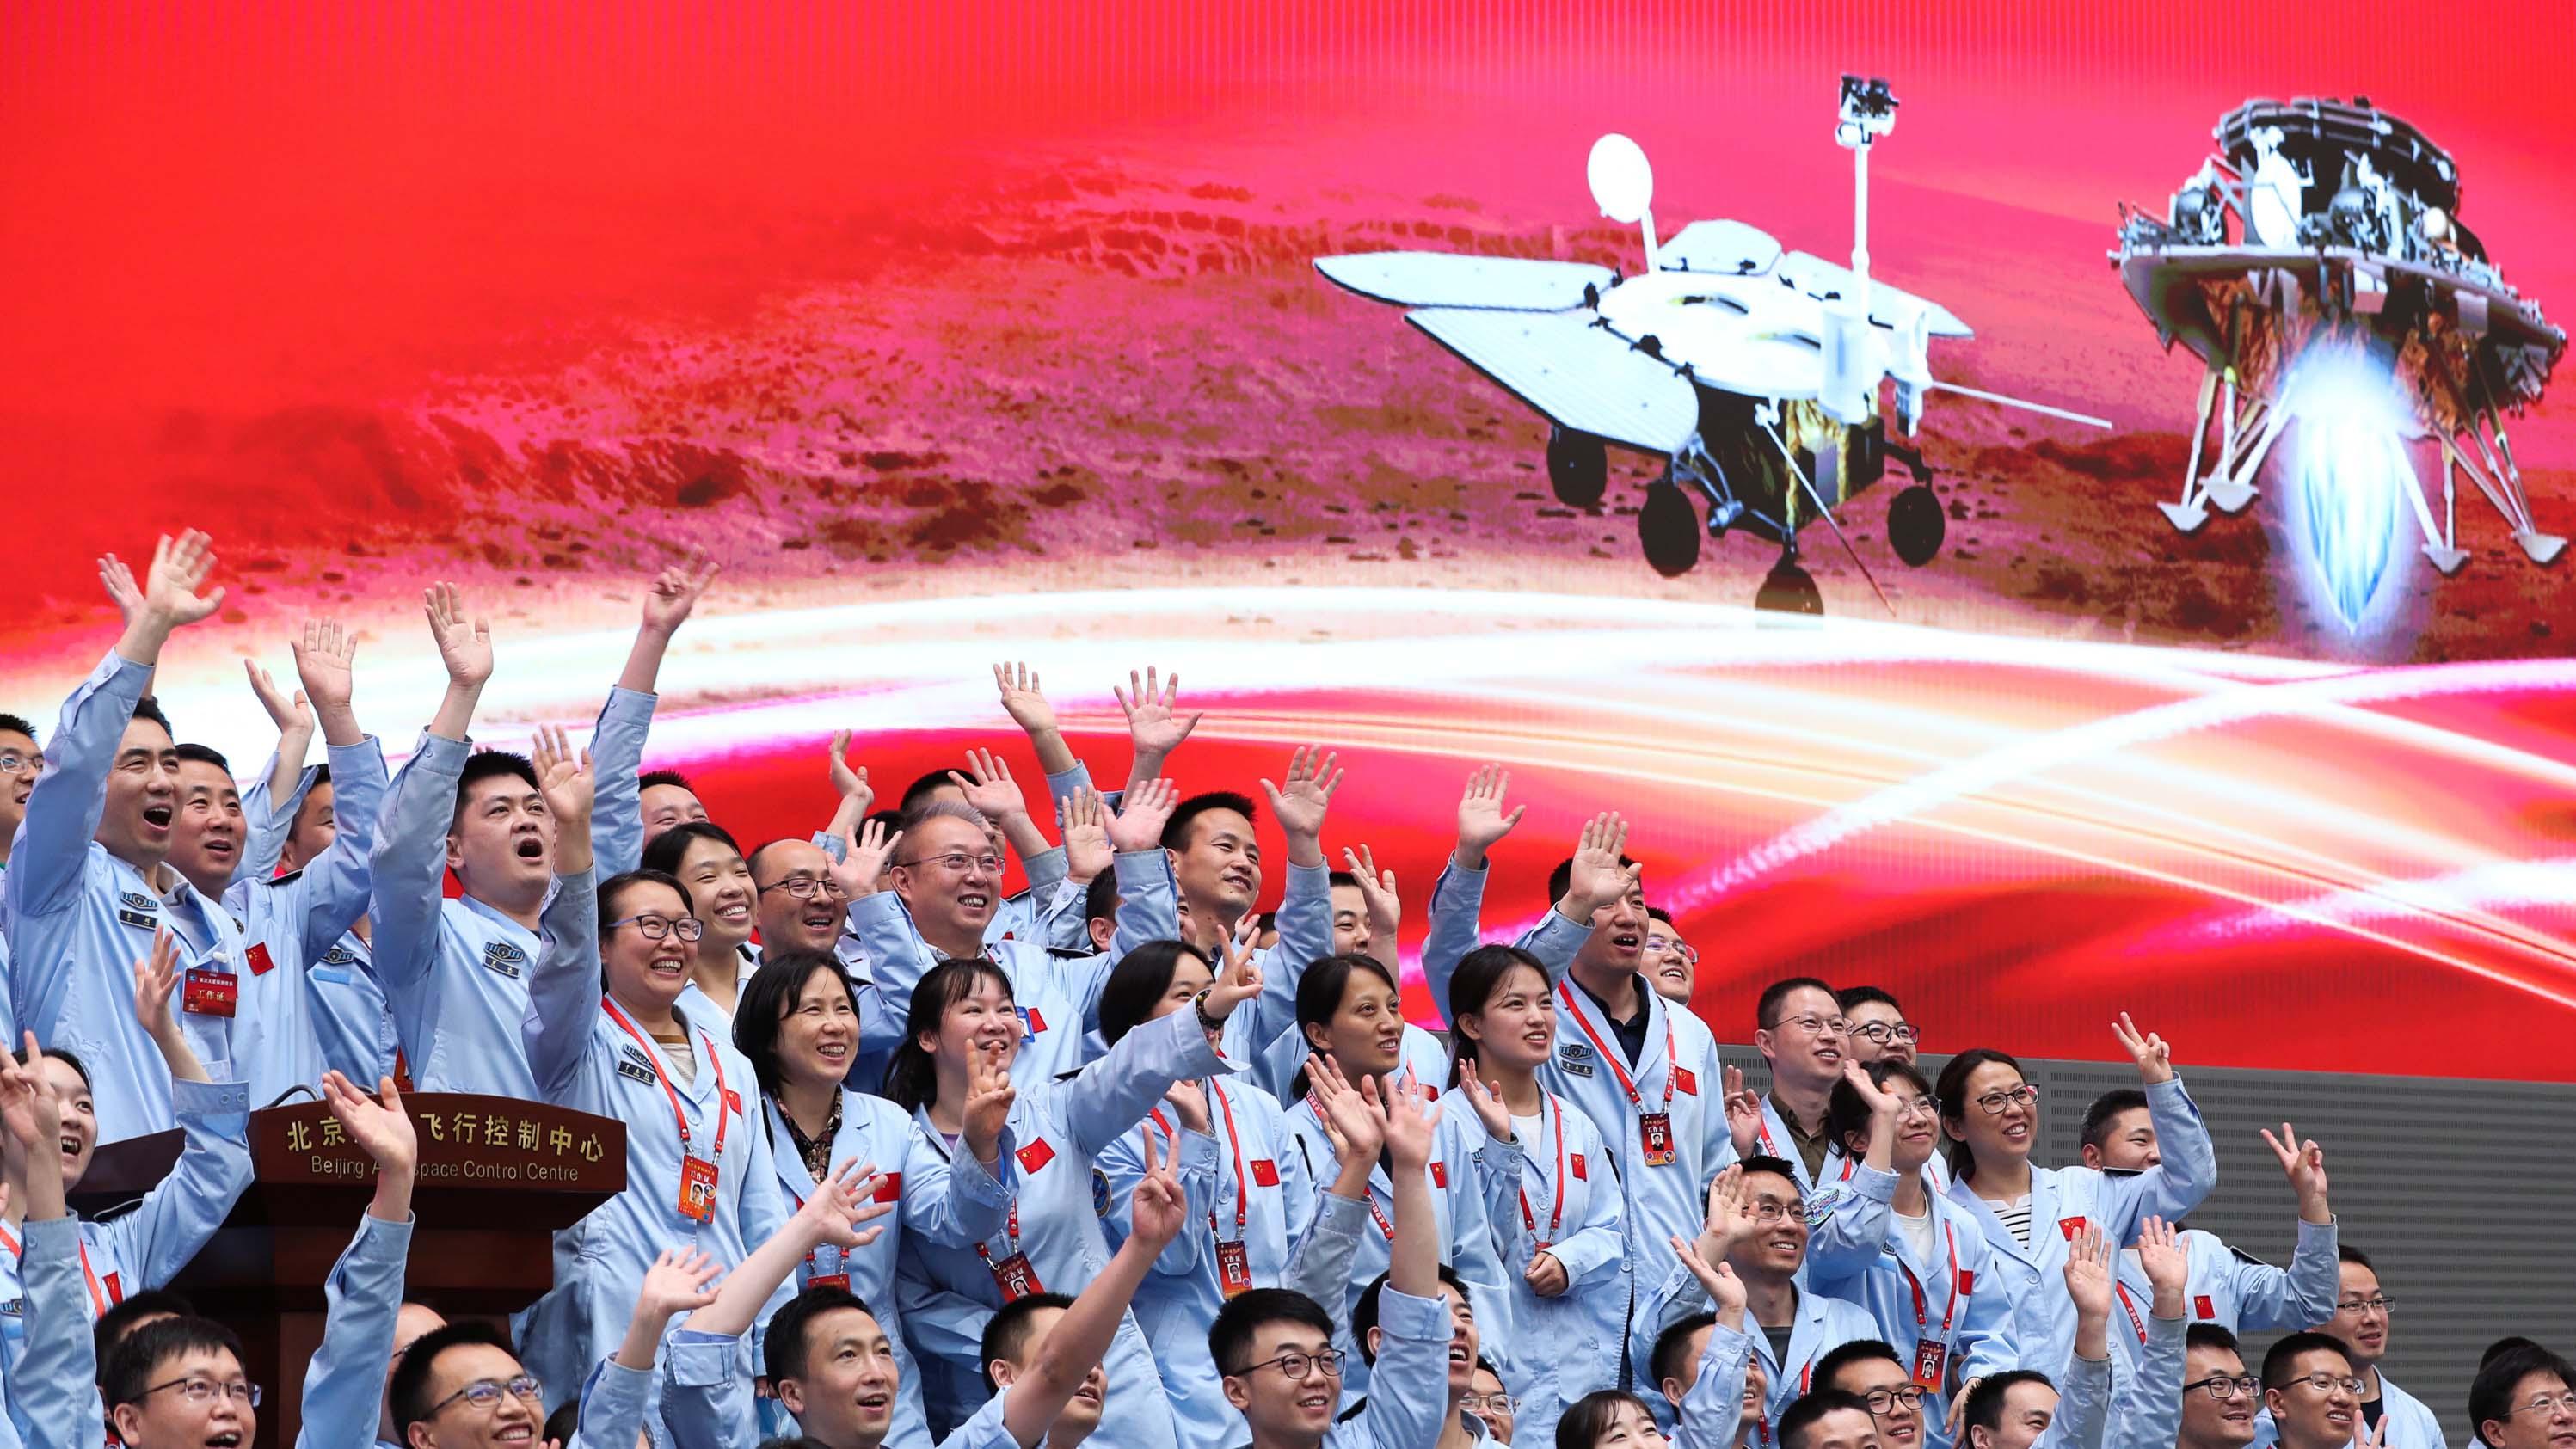 China gelingt erstmals Landung auf dem Mars | The Weather Channel - Artikel von The Weather Channel | weather.com